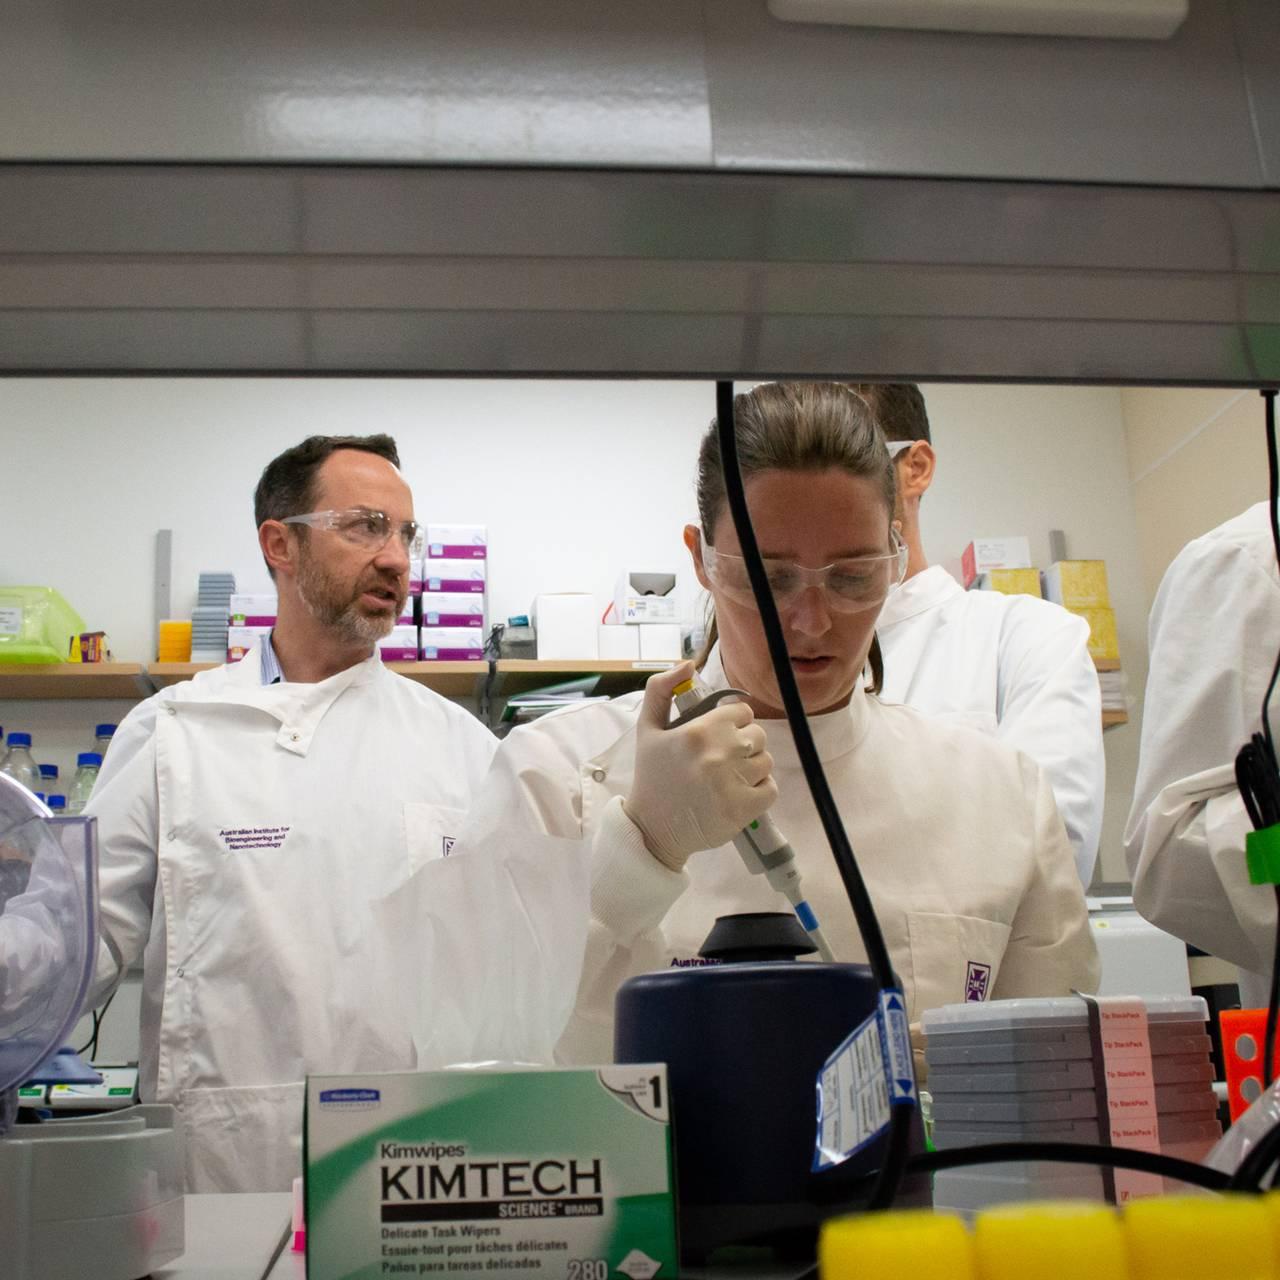 Forskere ved University of Queensland, Australia er av de første til å teste vaksiner på mennesker